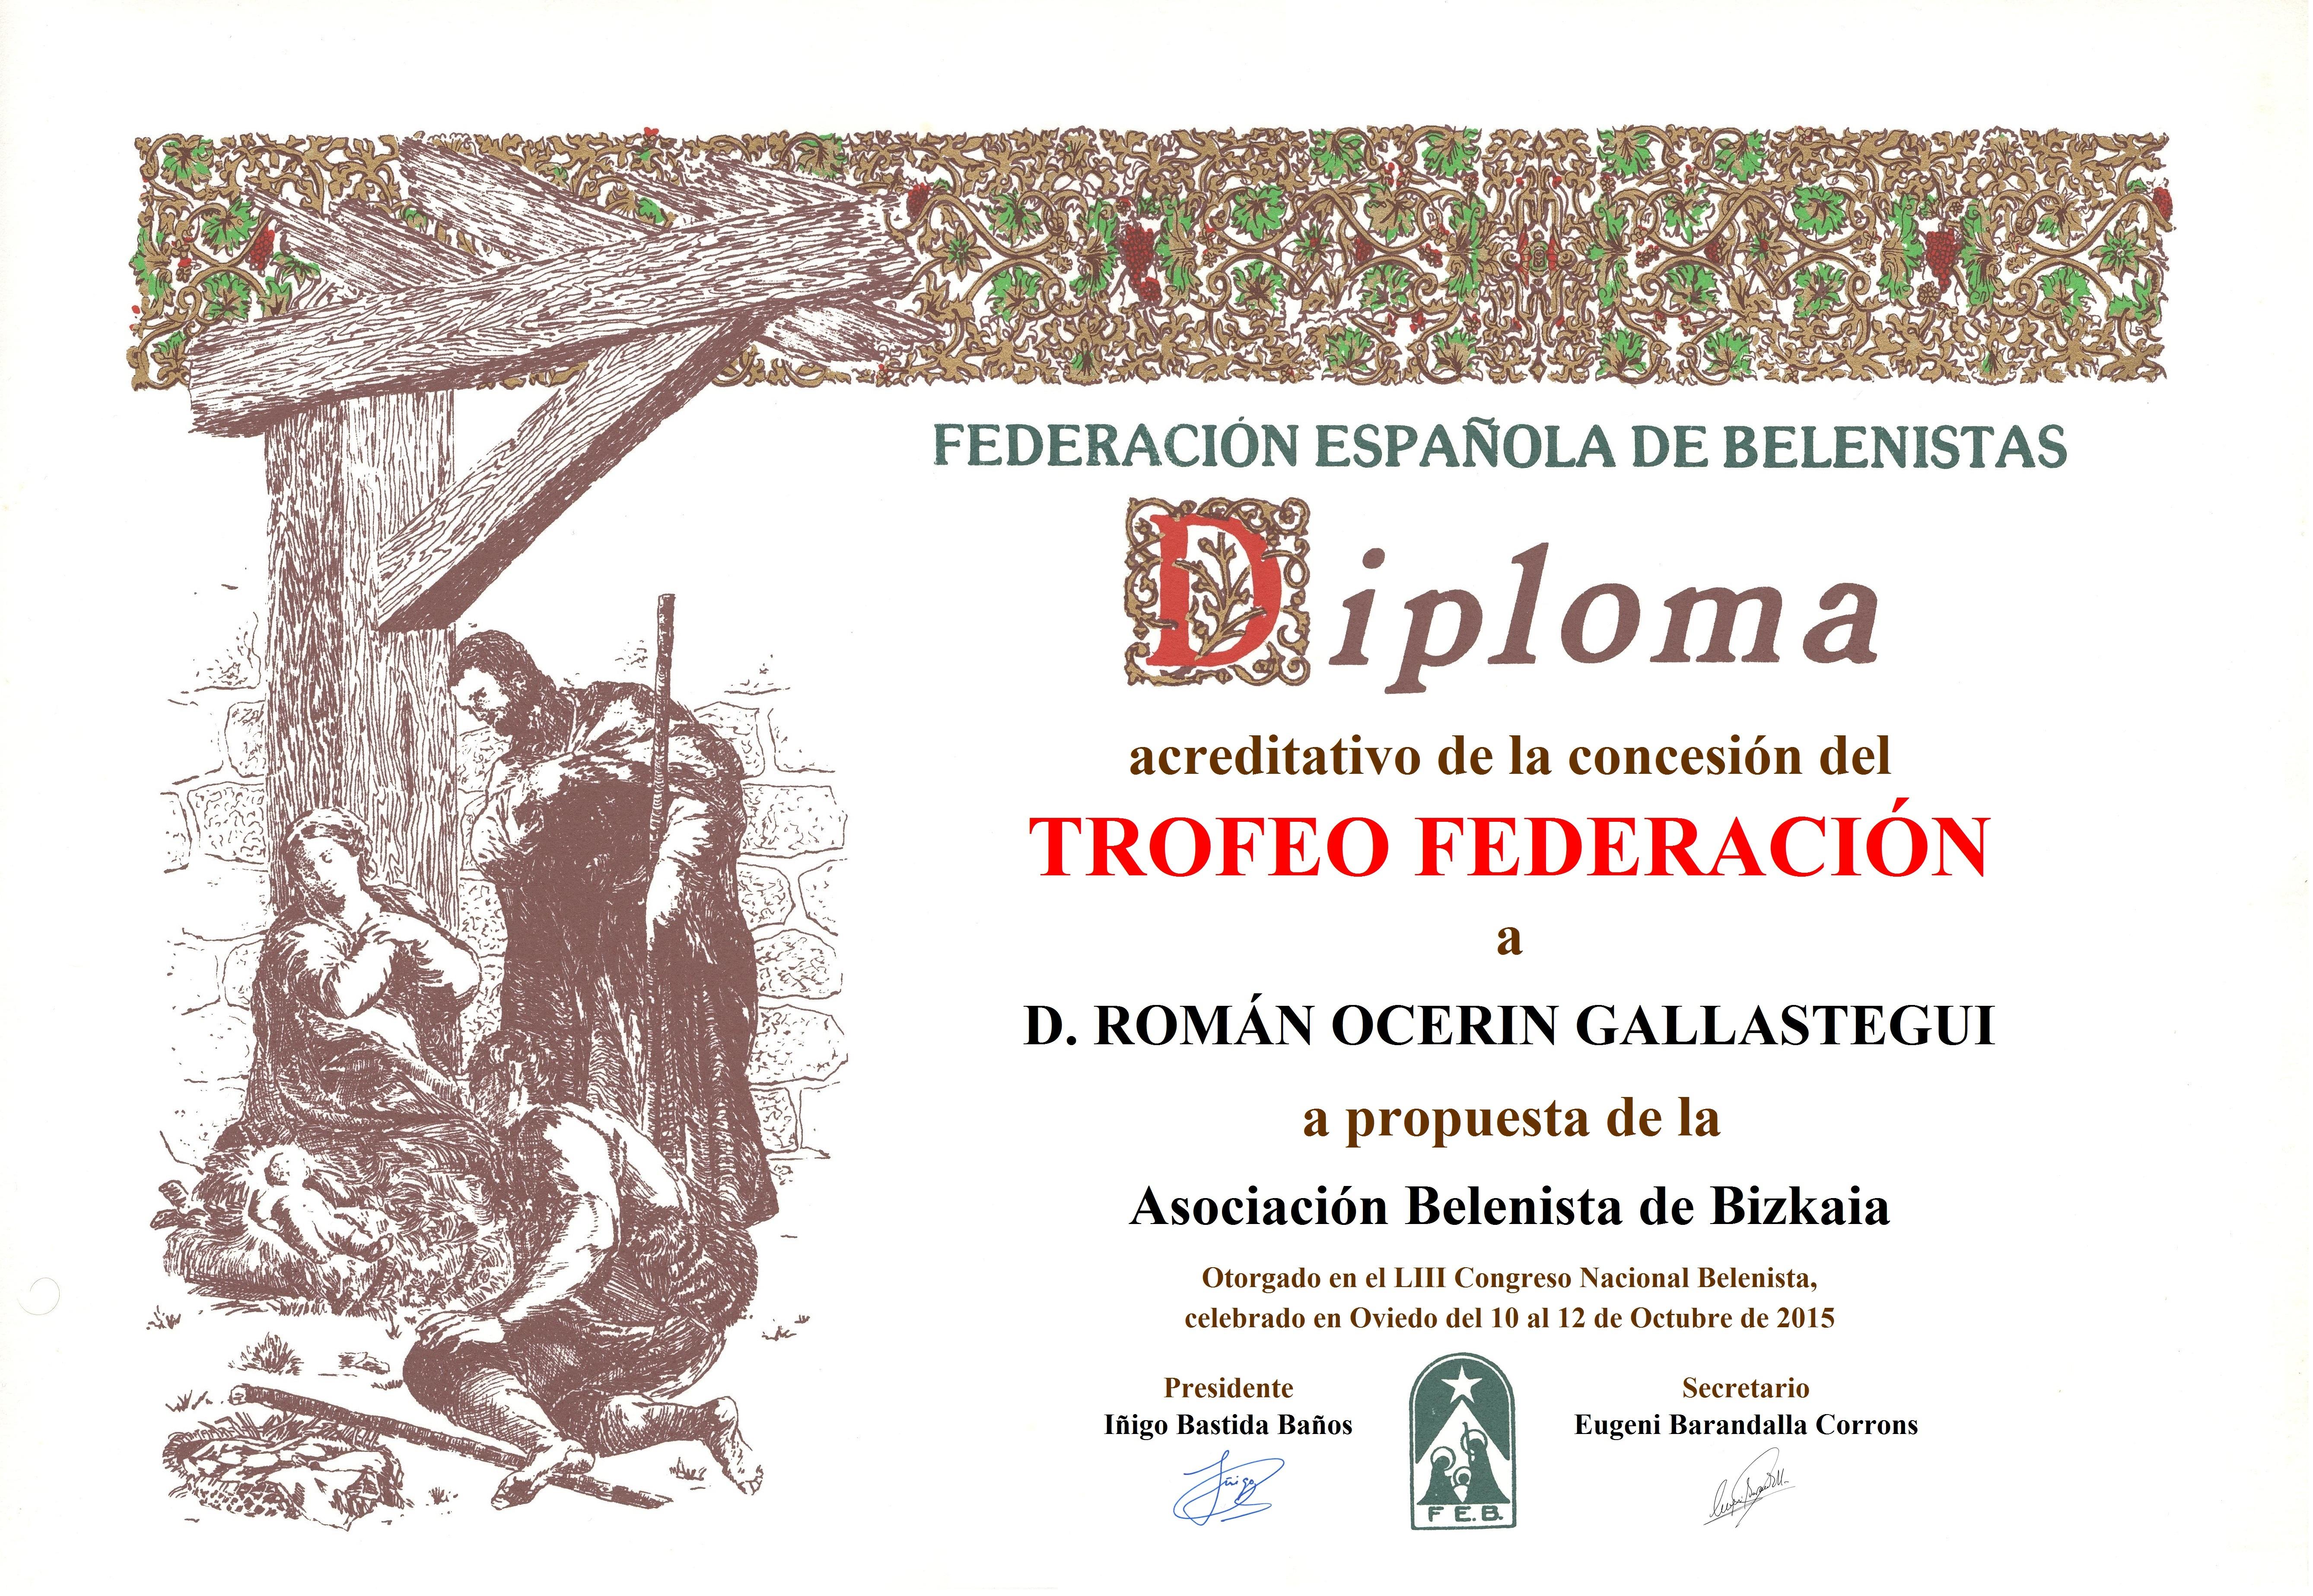 Diploma Trofeo FEB 2015 Román Ocerin Gallastegui